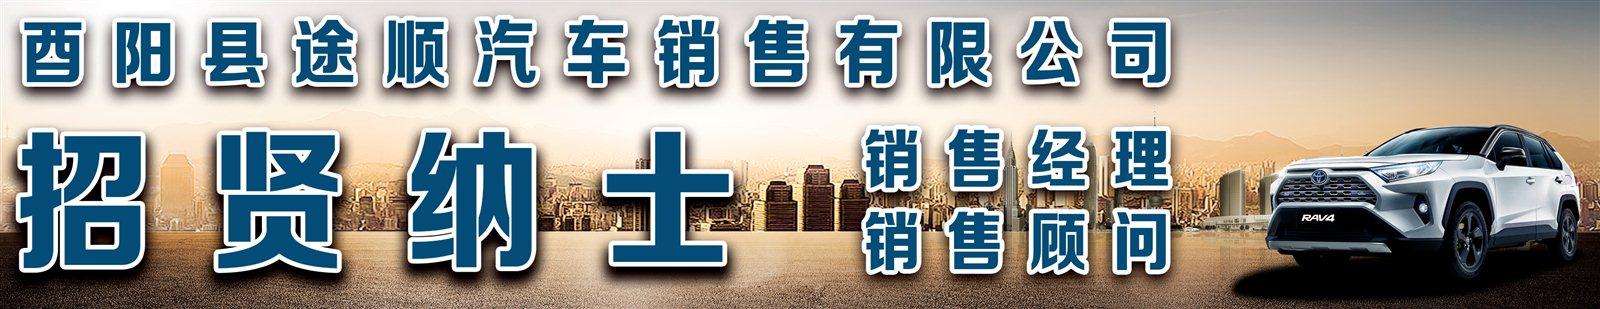 酉阳县途顺汽车销售有限责任公司